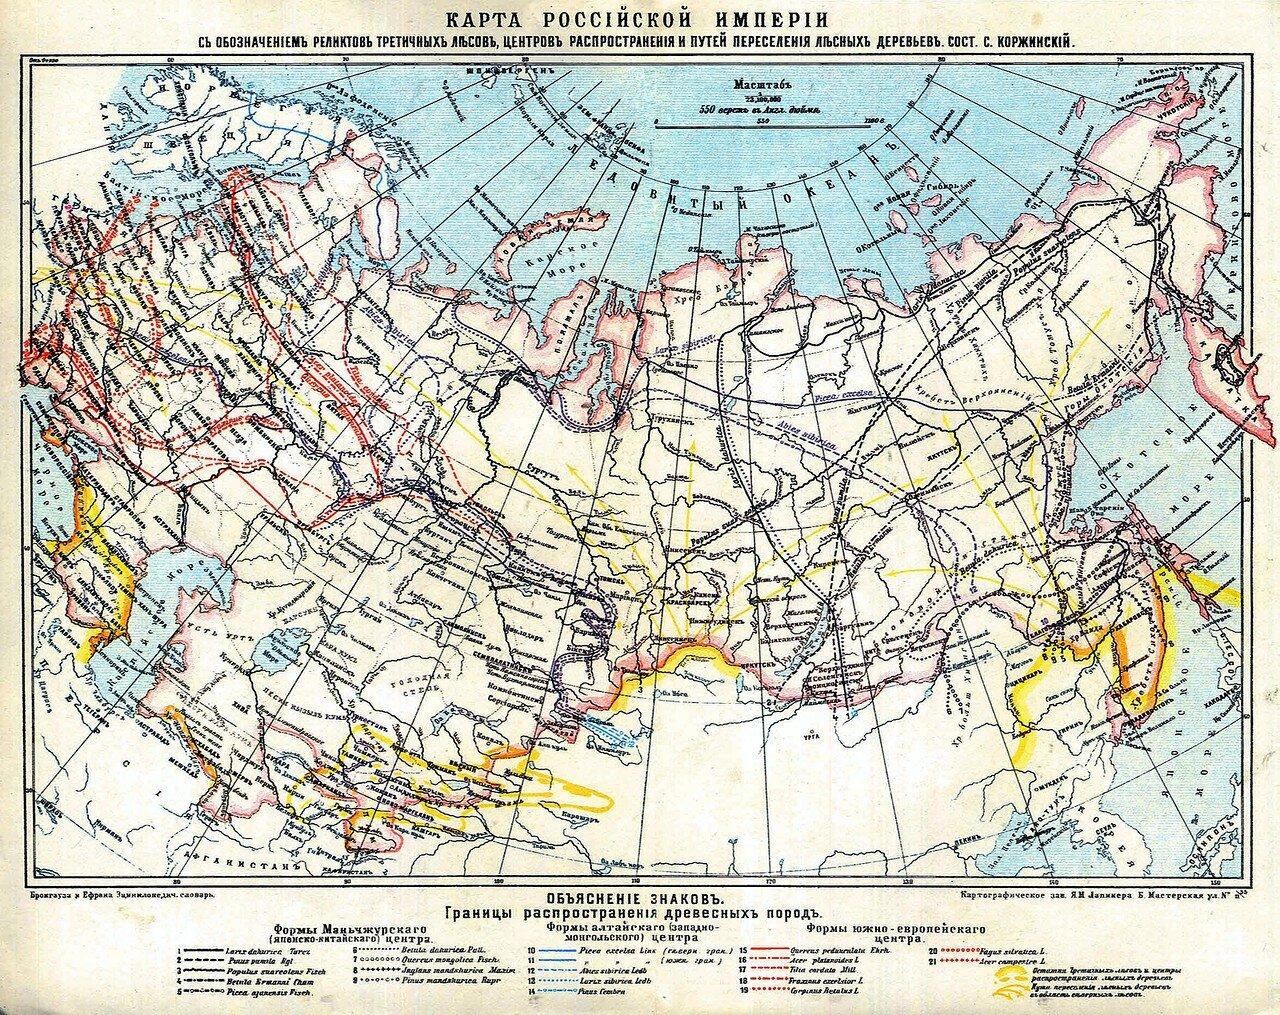 21. Карта распространения древесных пород (реликтовые леса)